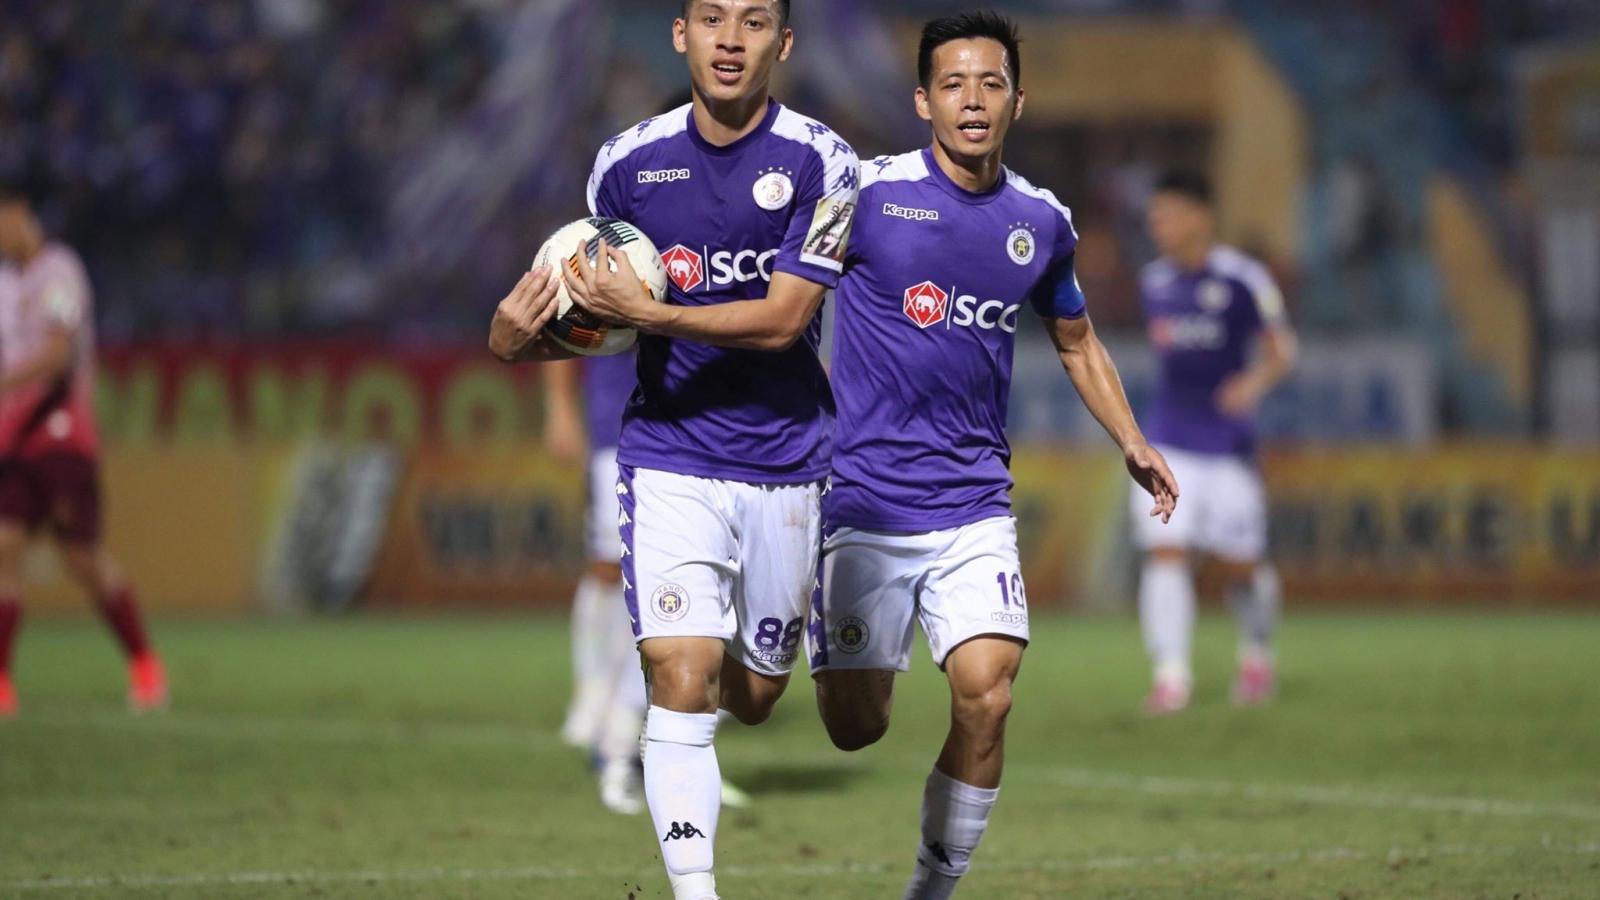 Chuyên gia: V-League đá theo thể thức giải Hàn Quốc lúc này là hợp lý